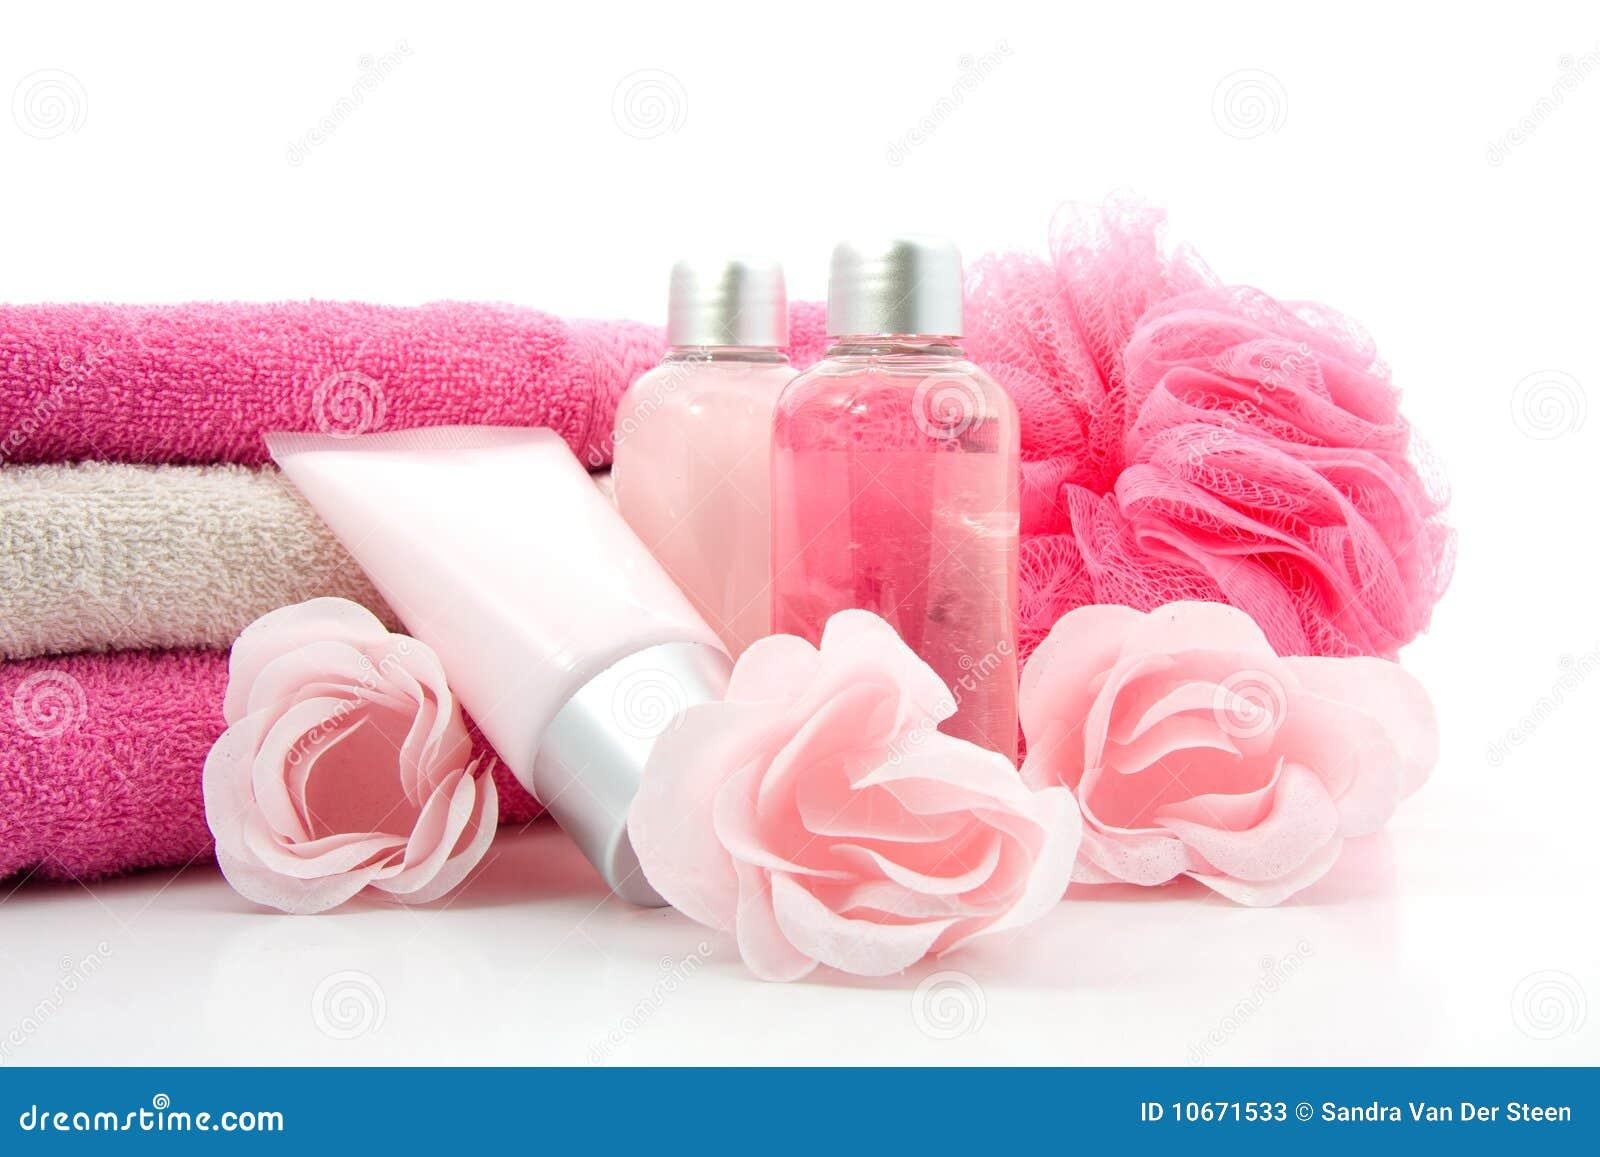 Accessoire rose de salle de bains et de station thermale for Accessoires salle de bain or rose